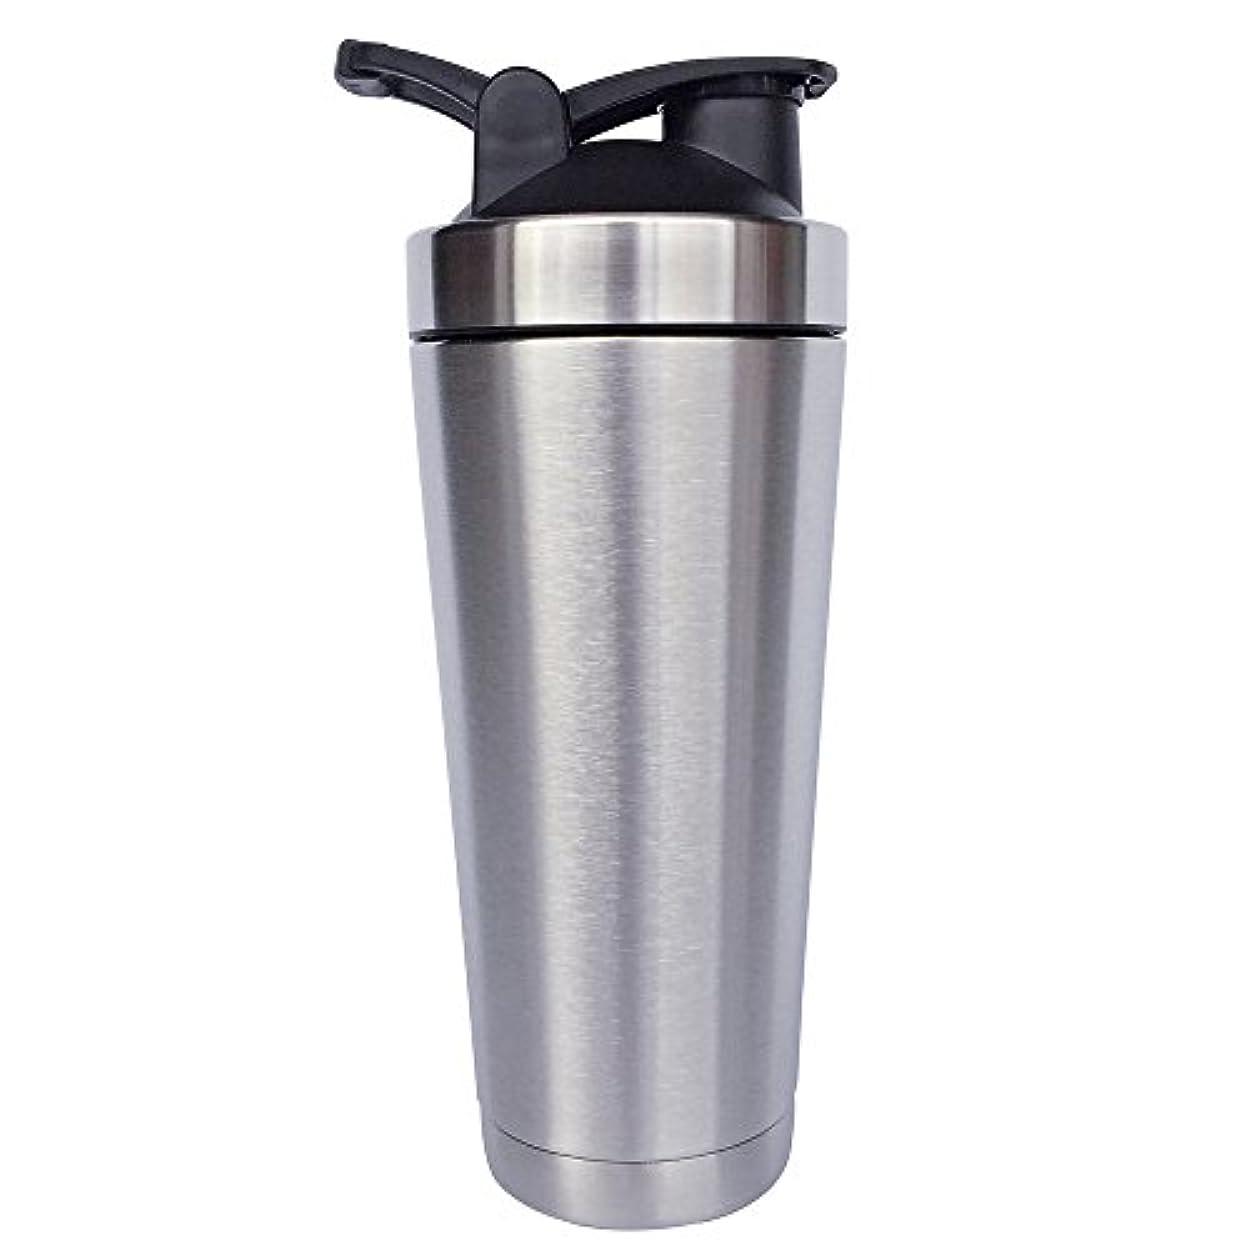 マエストロオーバードロー論争的ステンレス鋼 スポーツウォーターボトル タンパク質ミルクセーキシェーカー?カップ 振ってボール ビグサイズ